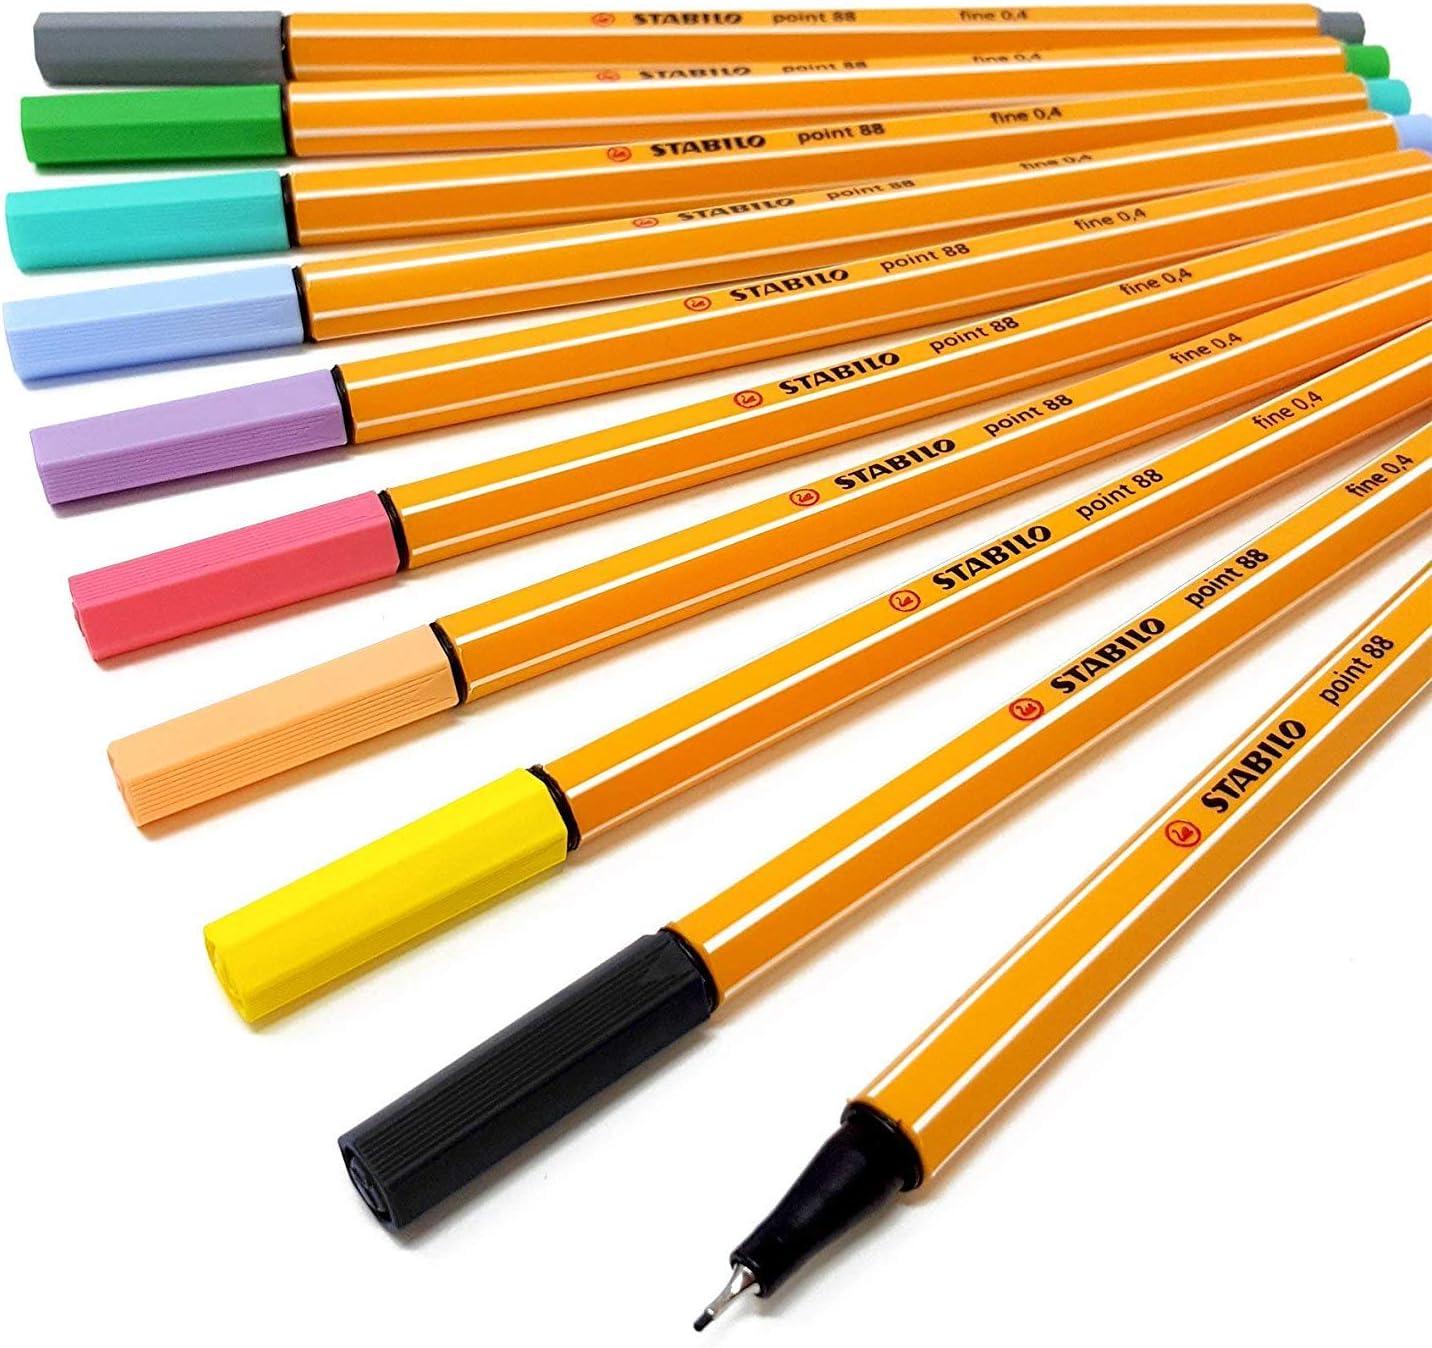 STABILO point 88 - Juego de 8 rotuladores de punta fina en colores pastel y 2 de color negro (88/8-01): Amazon.es: Oficina y papelería